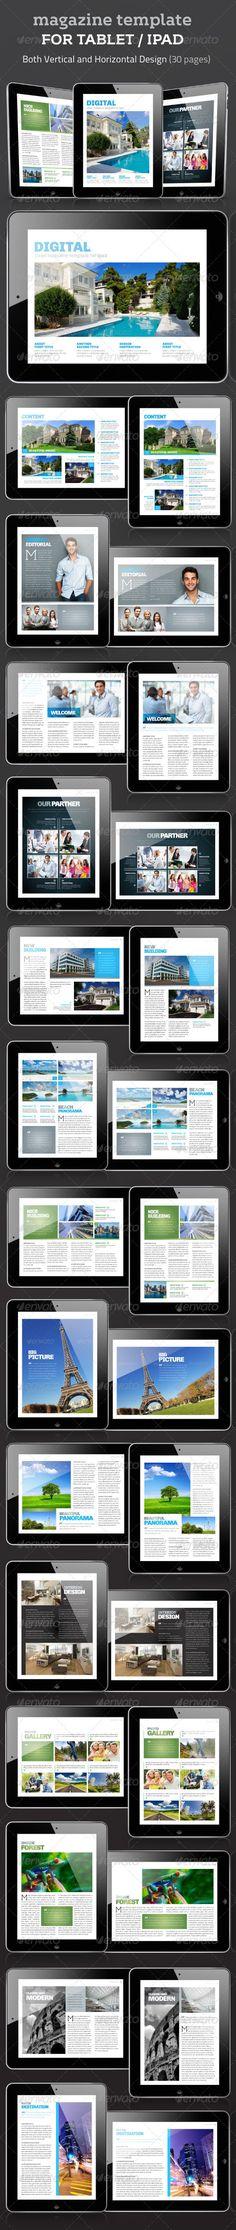 Tablet 15 Pages Mgz (Vol. 6) - Digital Magazines ePublishing